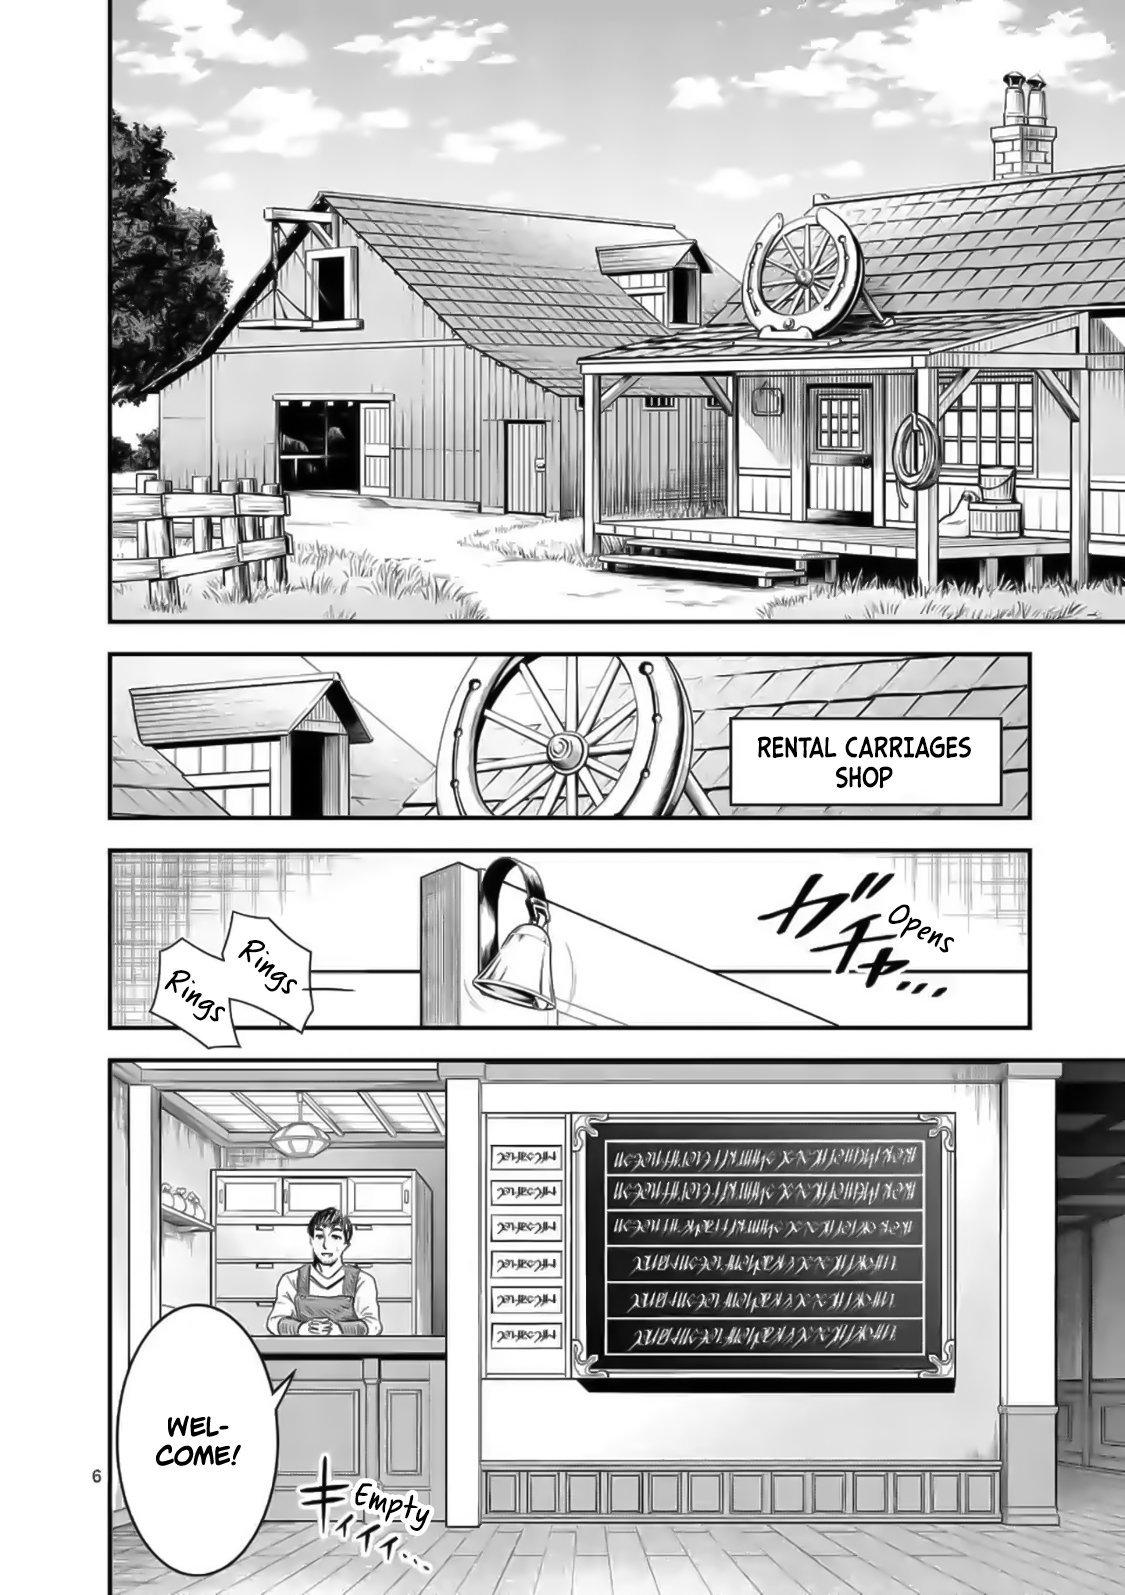 Manga 100-nin no Eiyuu o Sodateta Saikyou Yogensha wa, Boukensha ni Natte mo Sekaijuu no Deshi kara Shitawarete Masu - Chapter 19 Page 7